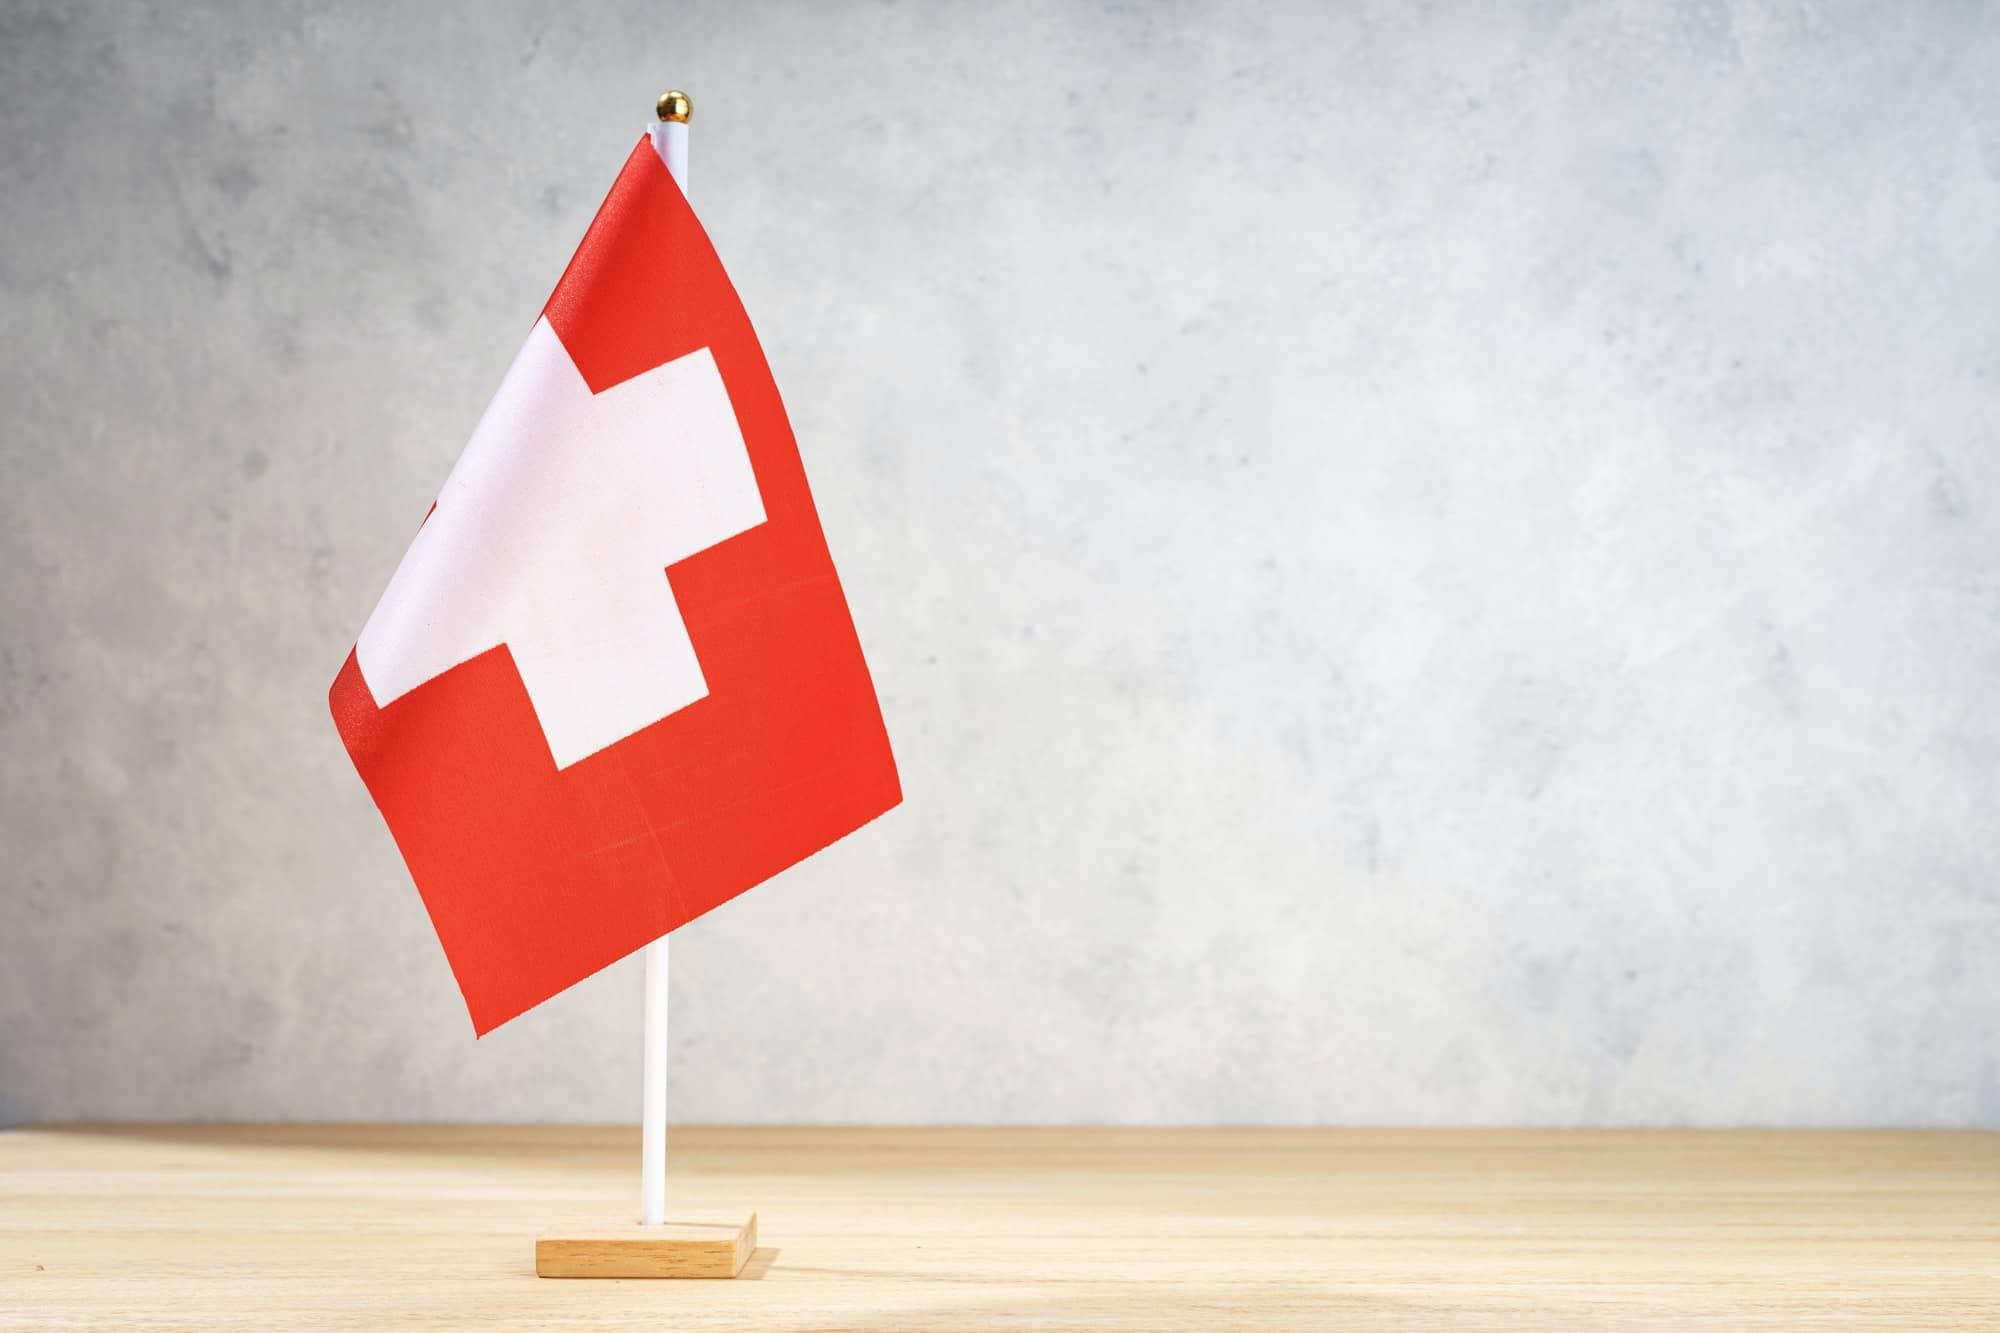 Suiza: Condiciones de trabajo. Datos a utilizar